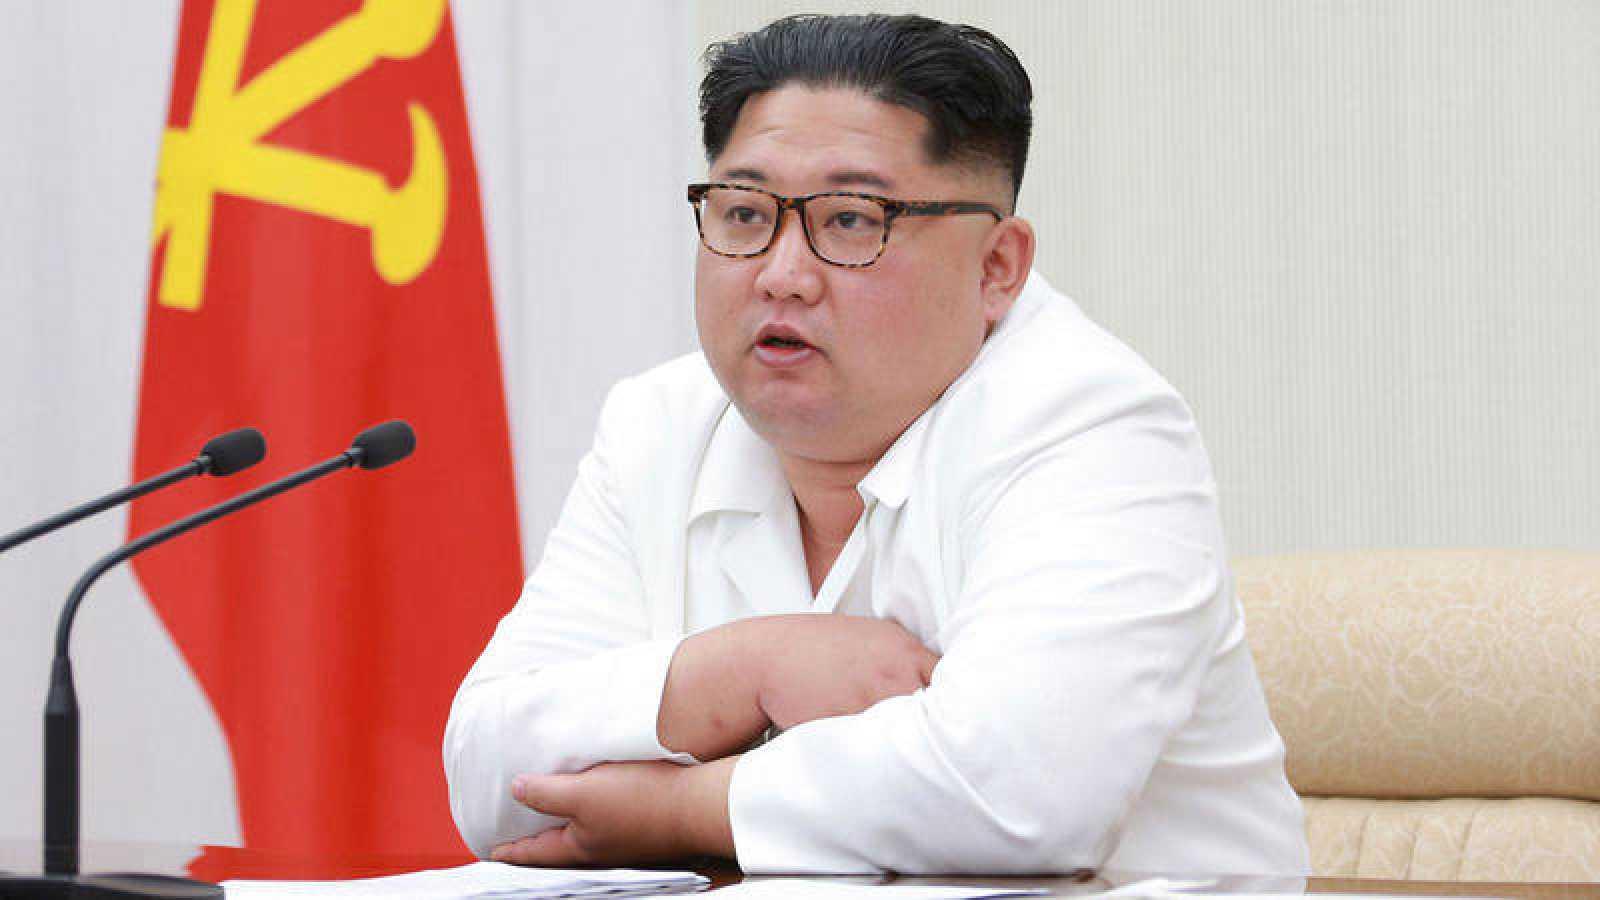 Corea del Norte dice estar dispuesta a hablar con EE.UU. en cualquier momento